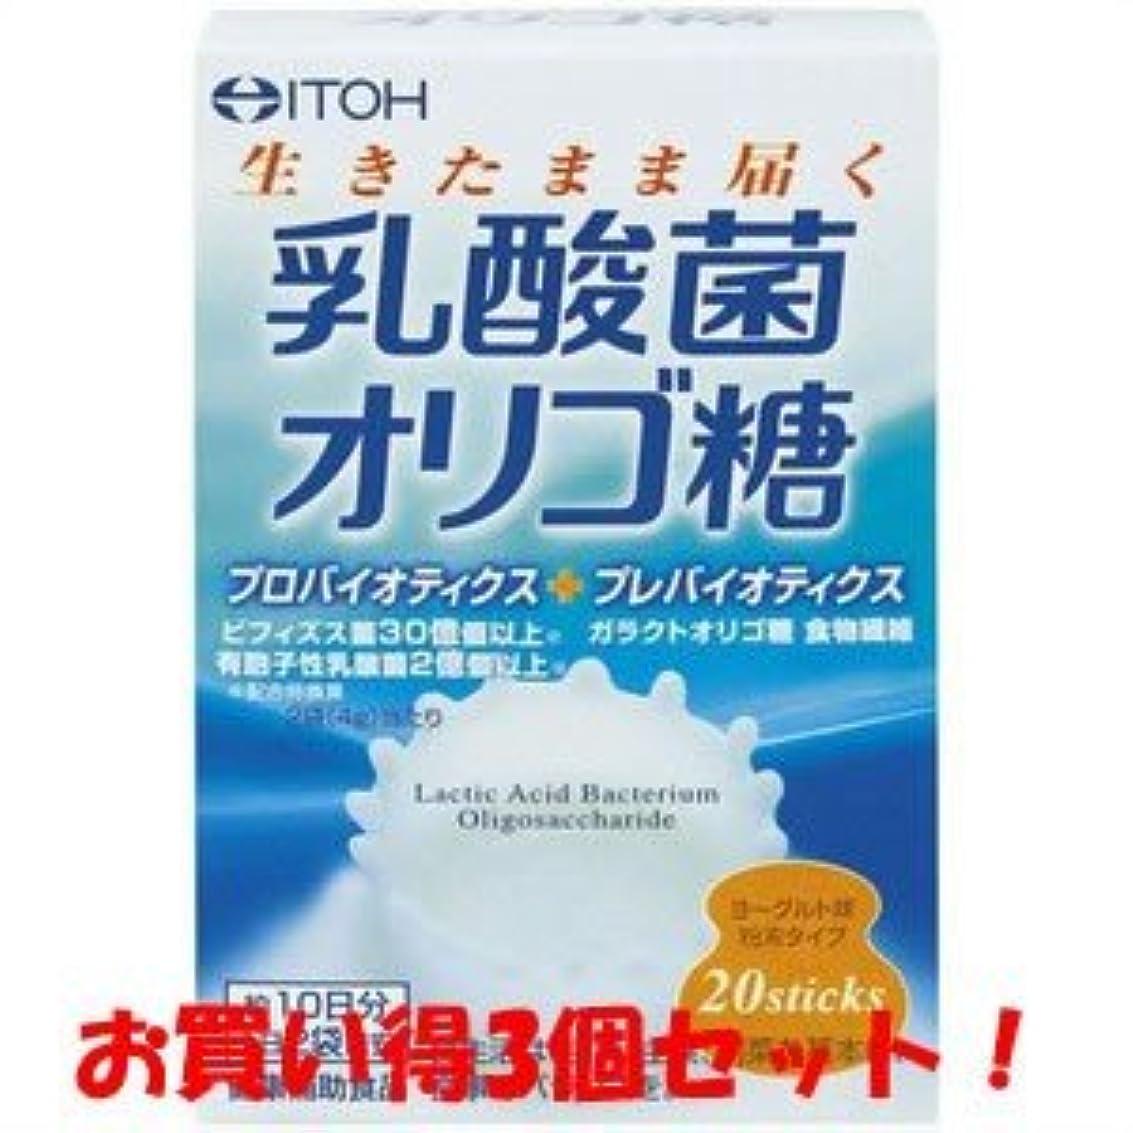 時期尚早回転バルブ【井藤漢方製薬】乳酸菌オリゴ糖 40g(2g×20スティック)(お買い得3個セット)